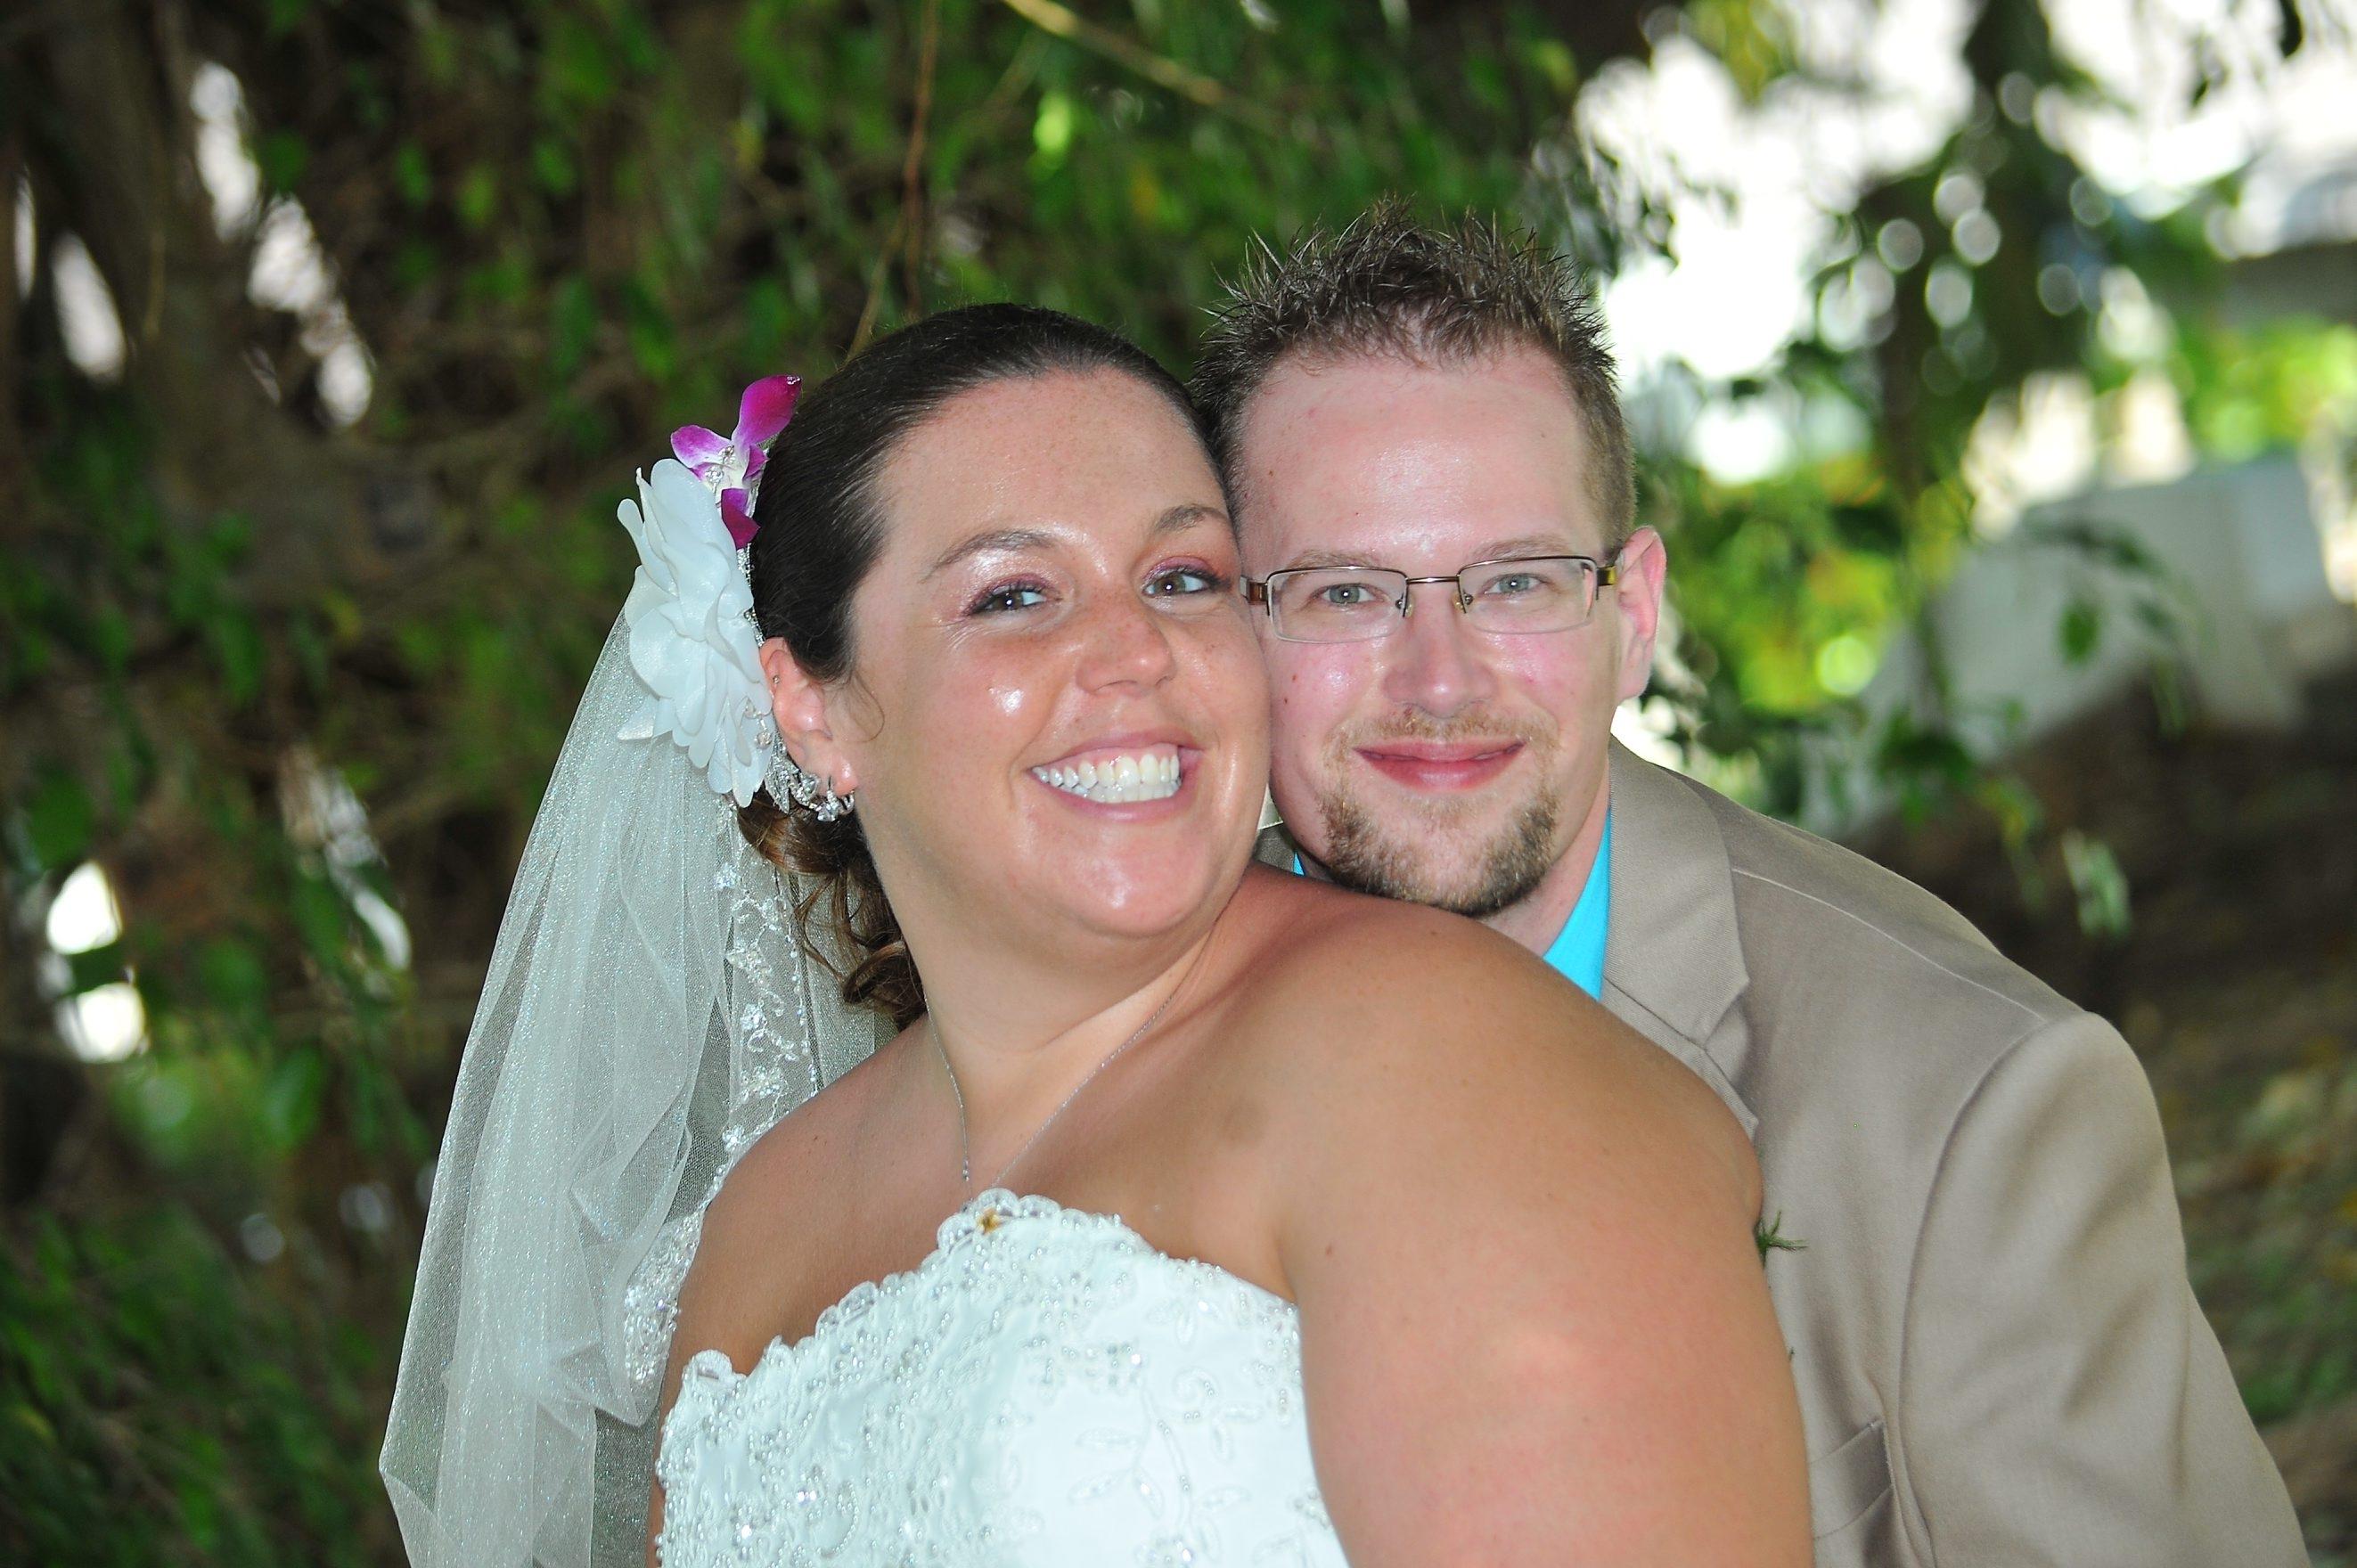 Amy E. Kerr and Gregory W. Soroka